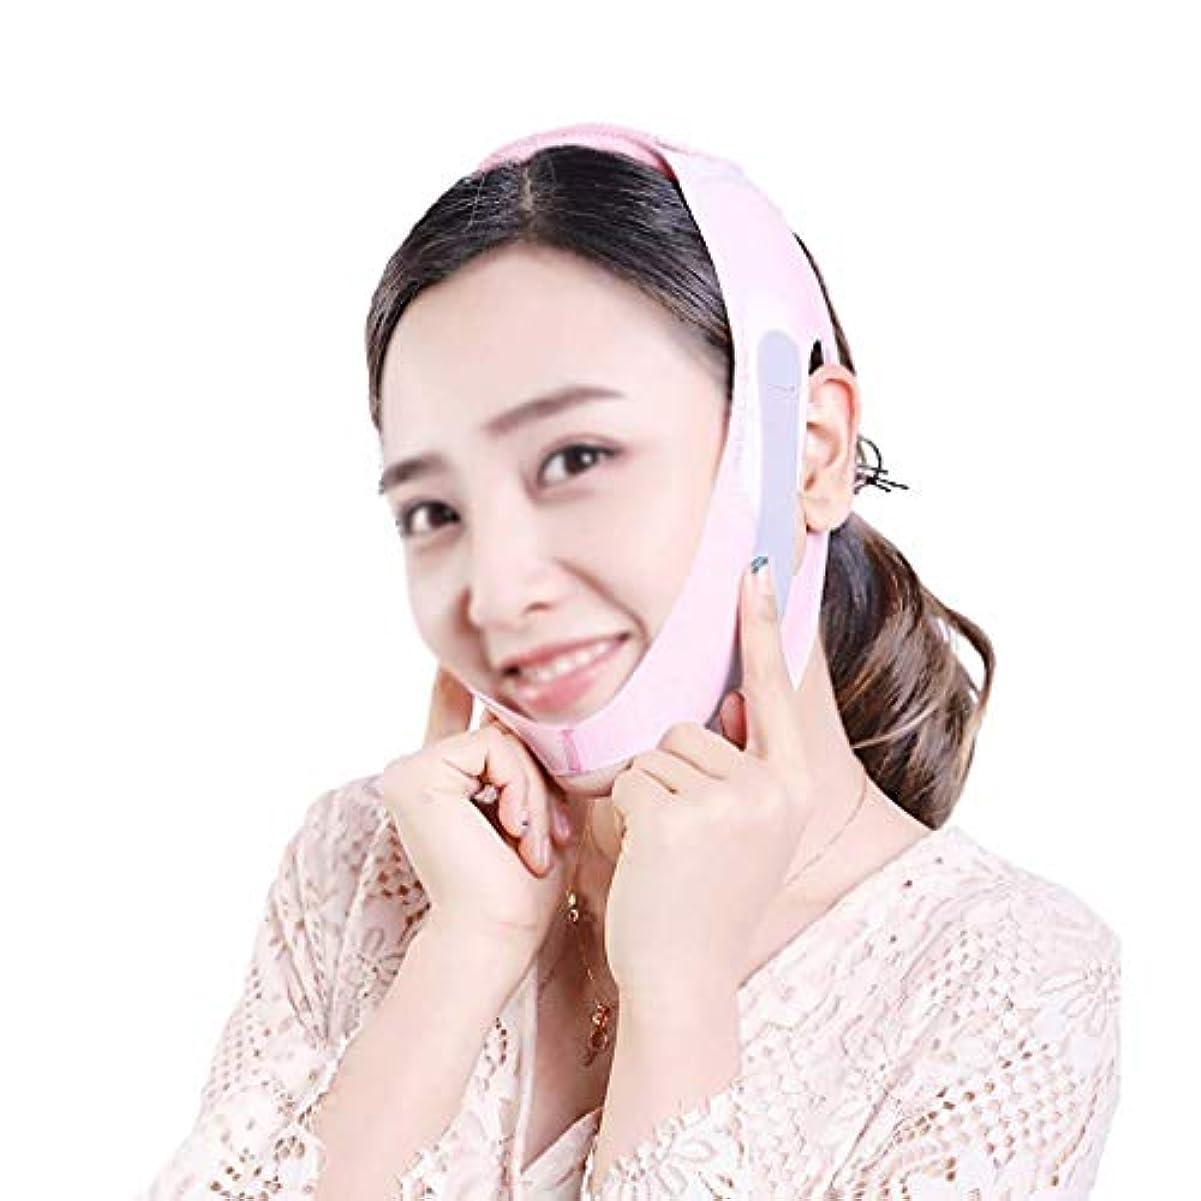 コーヒー乳白色うまフェイシャルマスク、フェイスリフティングアーティファクト包帯リムーバーダブルチンスティックリフティングタイトなマッサージ師筋肉リフティングフェイスを垂れ防止スリミングベルト